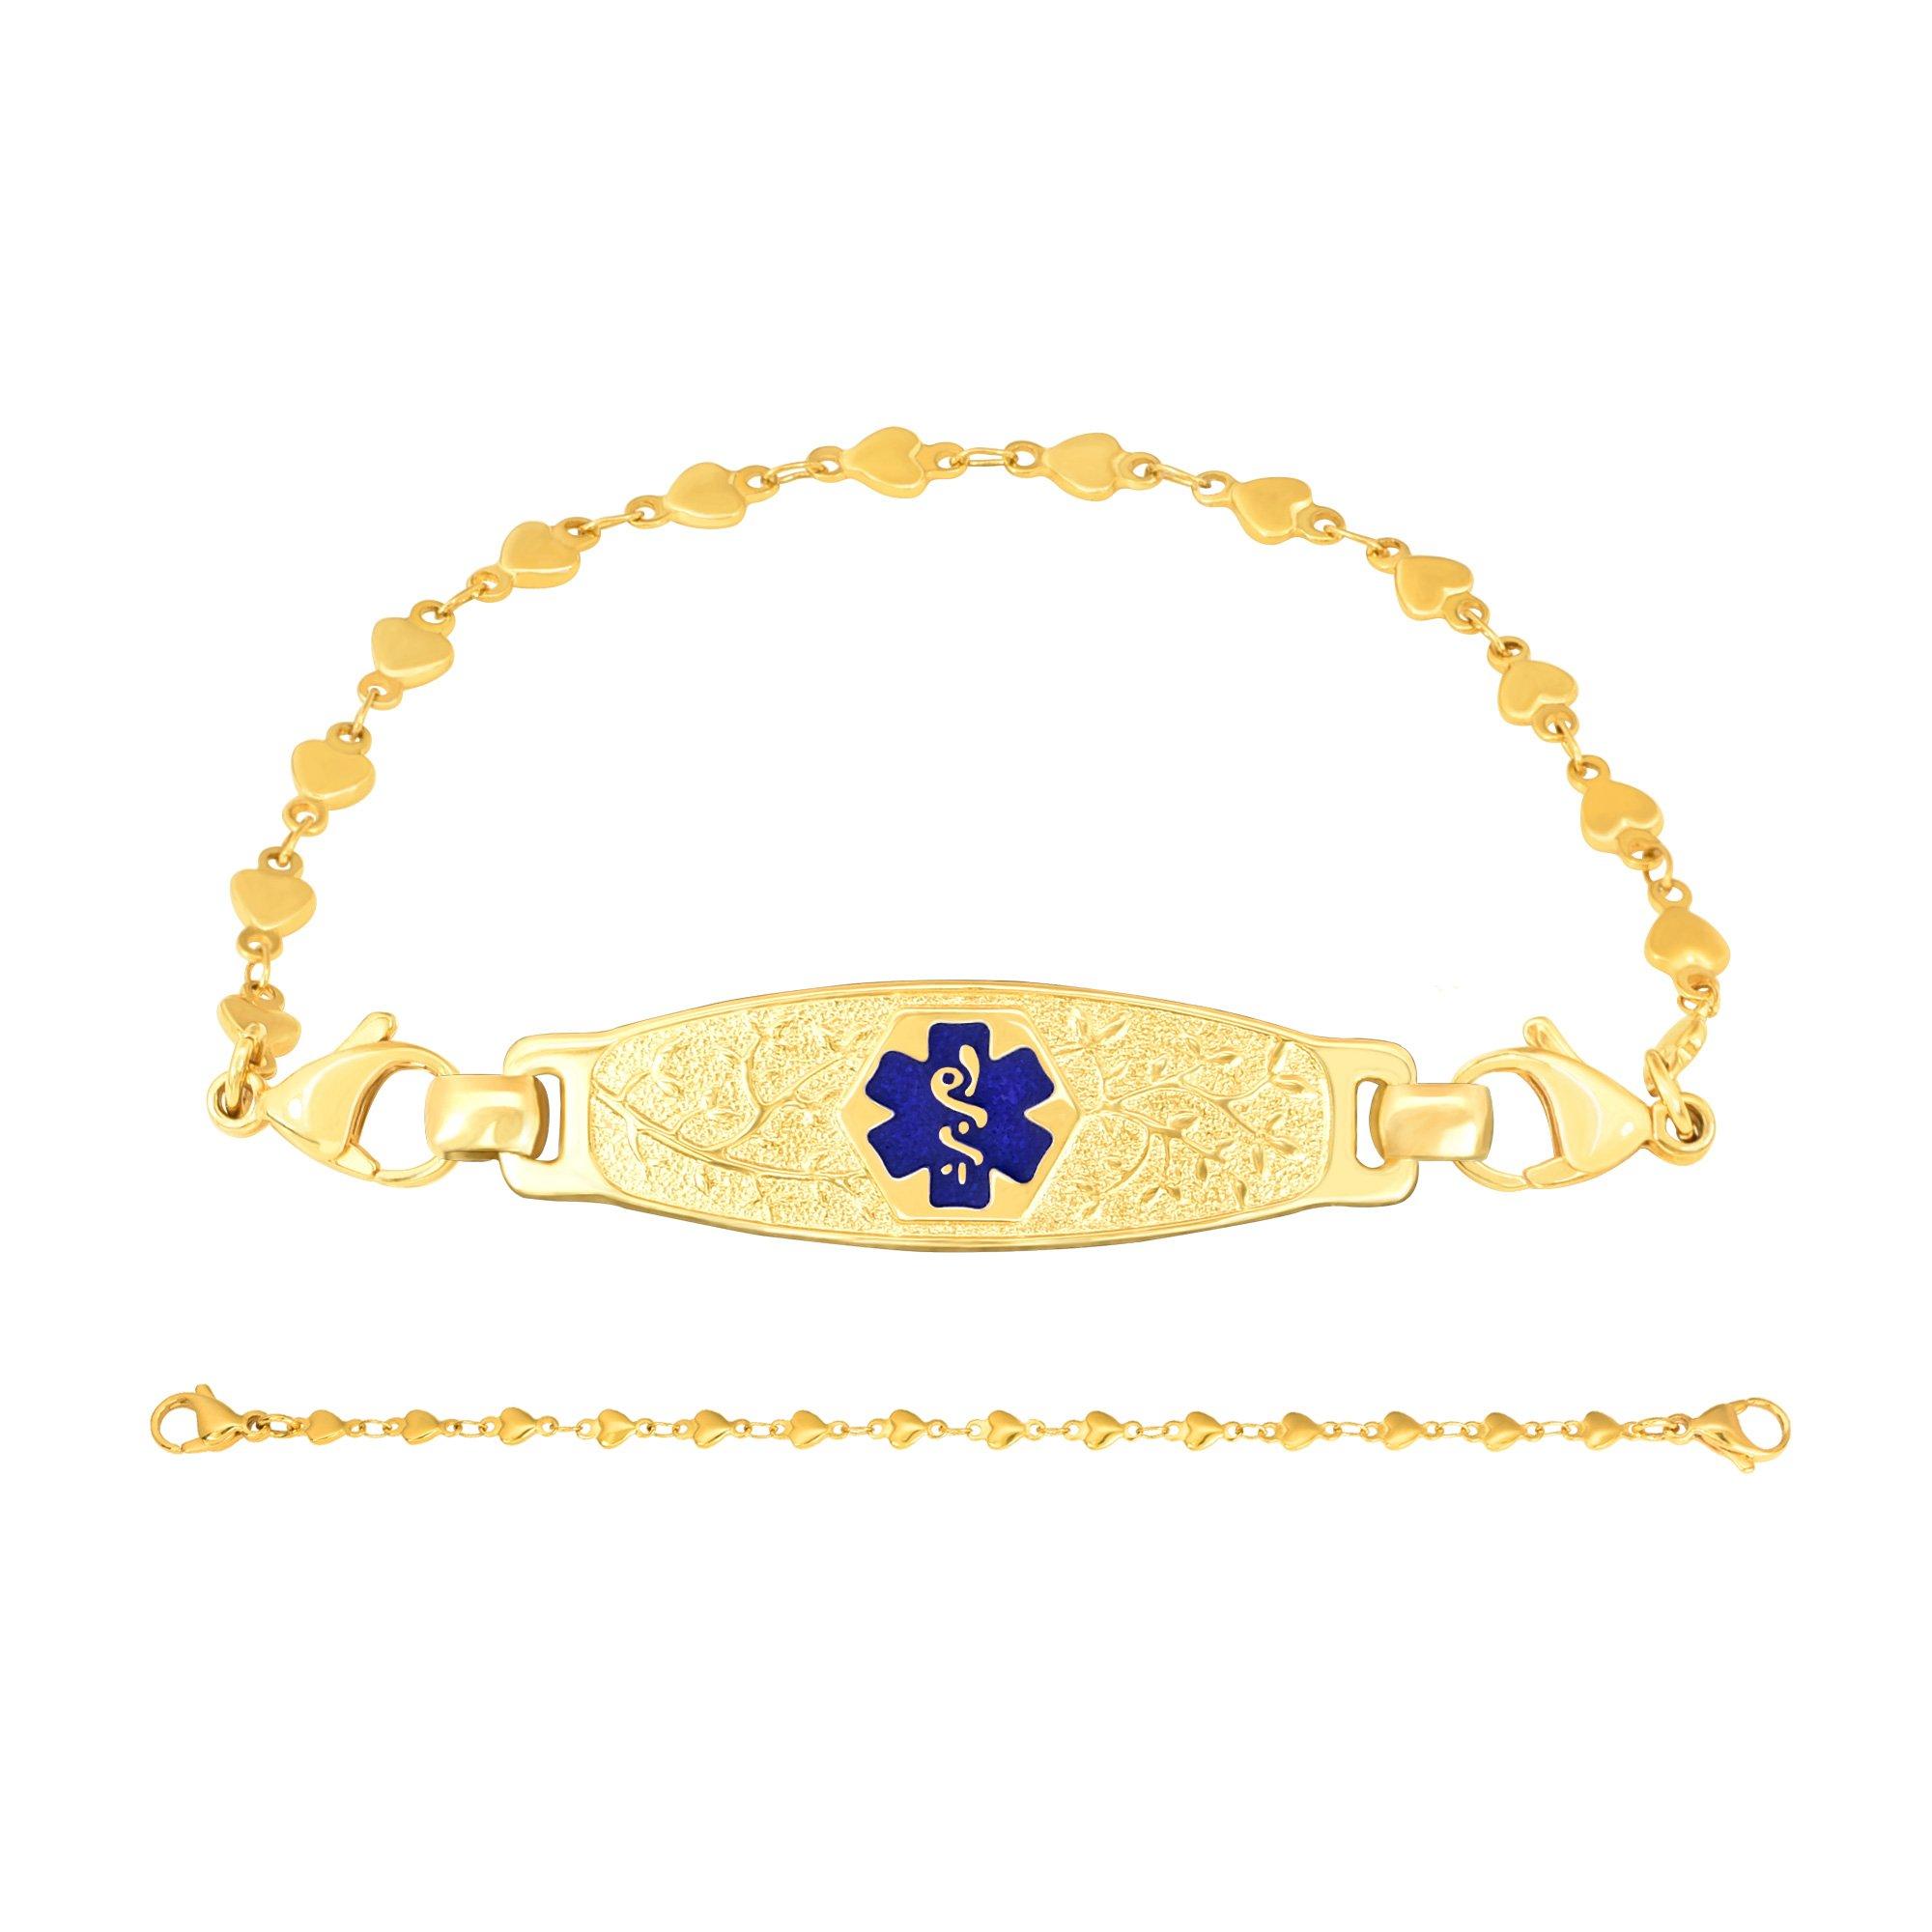 Divoti Deep Custom Laser Engraved PVD Gold Elegant Olive Medical Alert Bracelet -PVD Gold Heart Link-TP Blue-7.0''